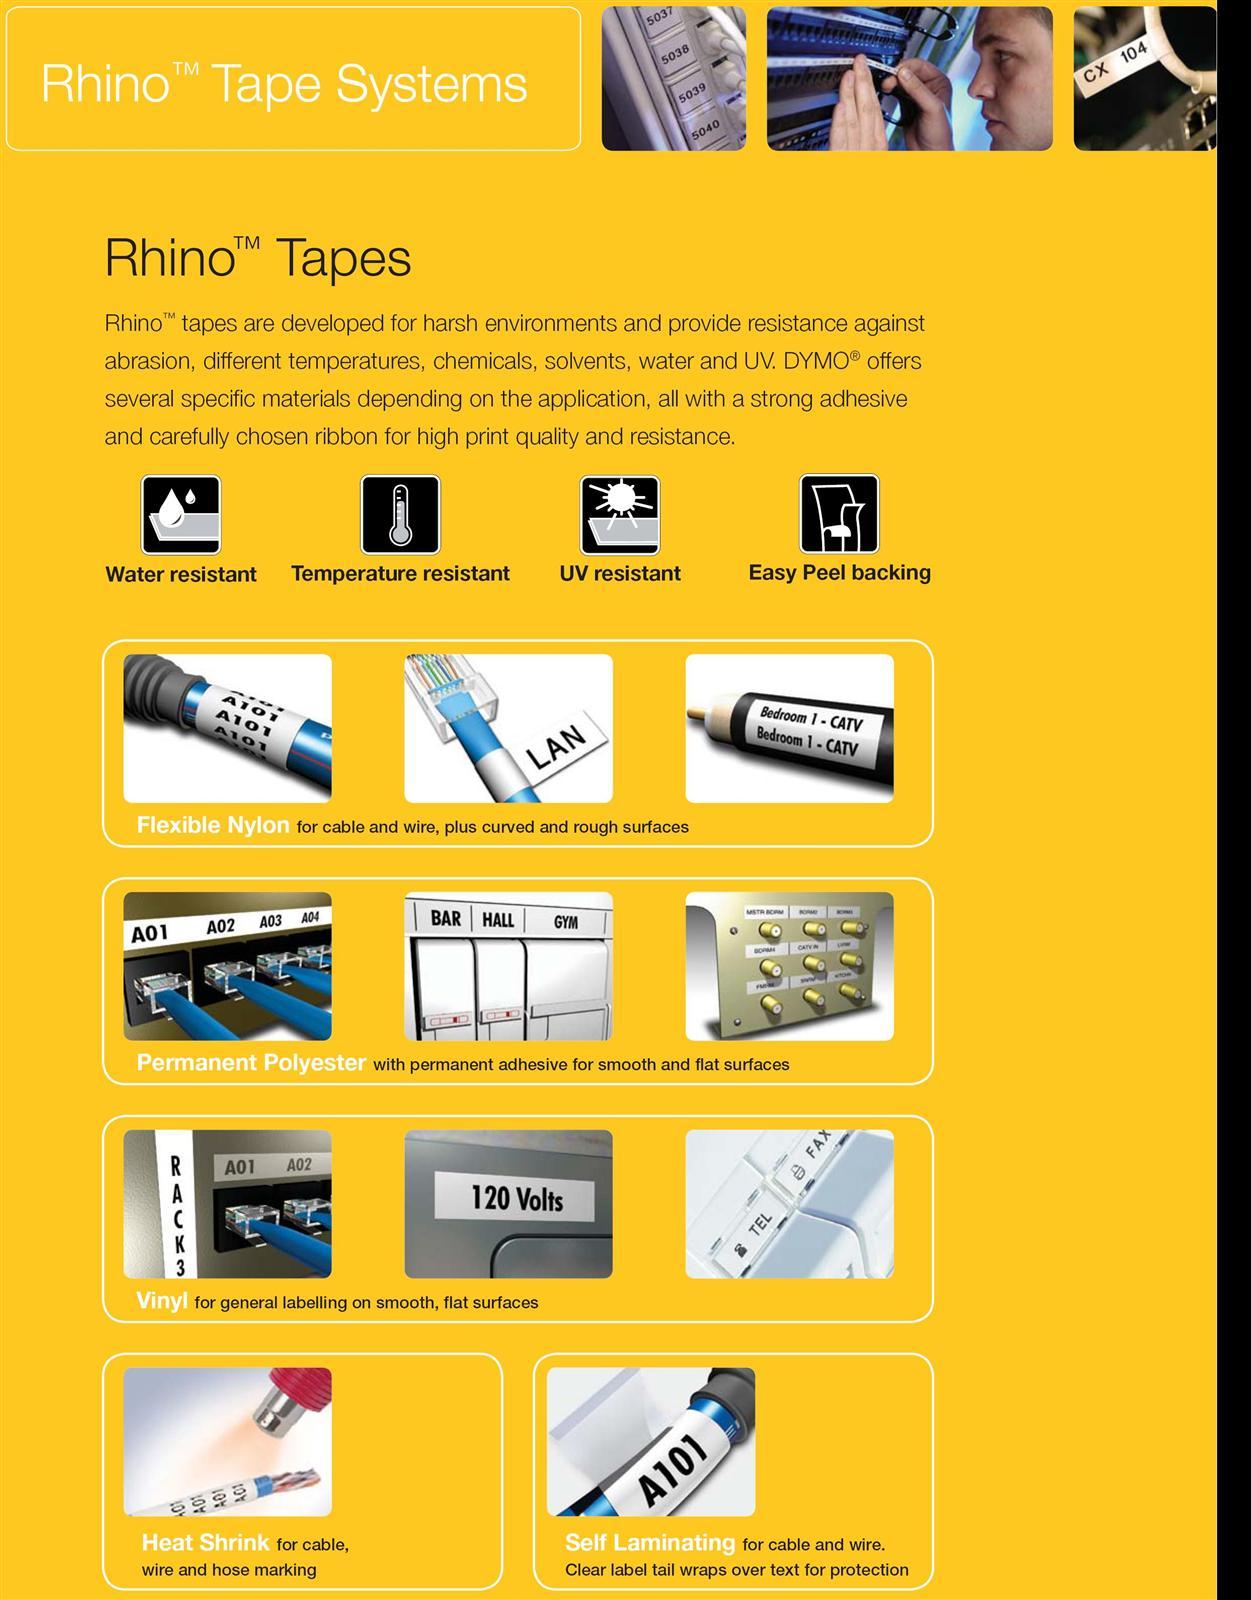 rhinotapes-custom-.jpg